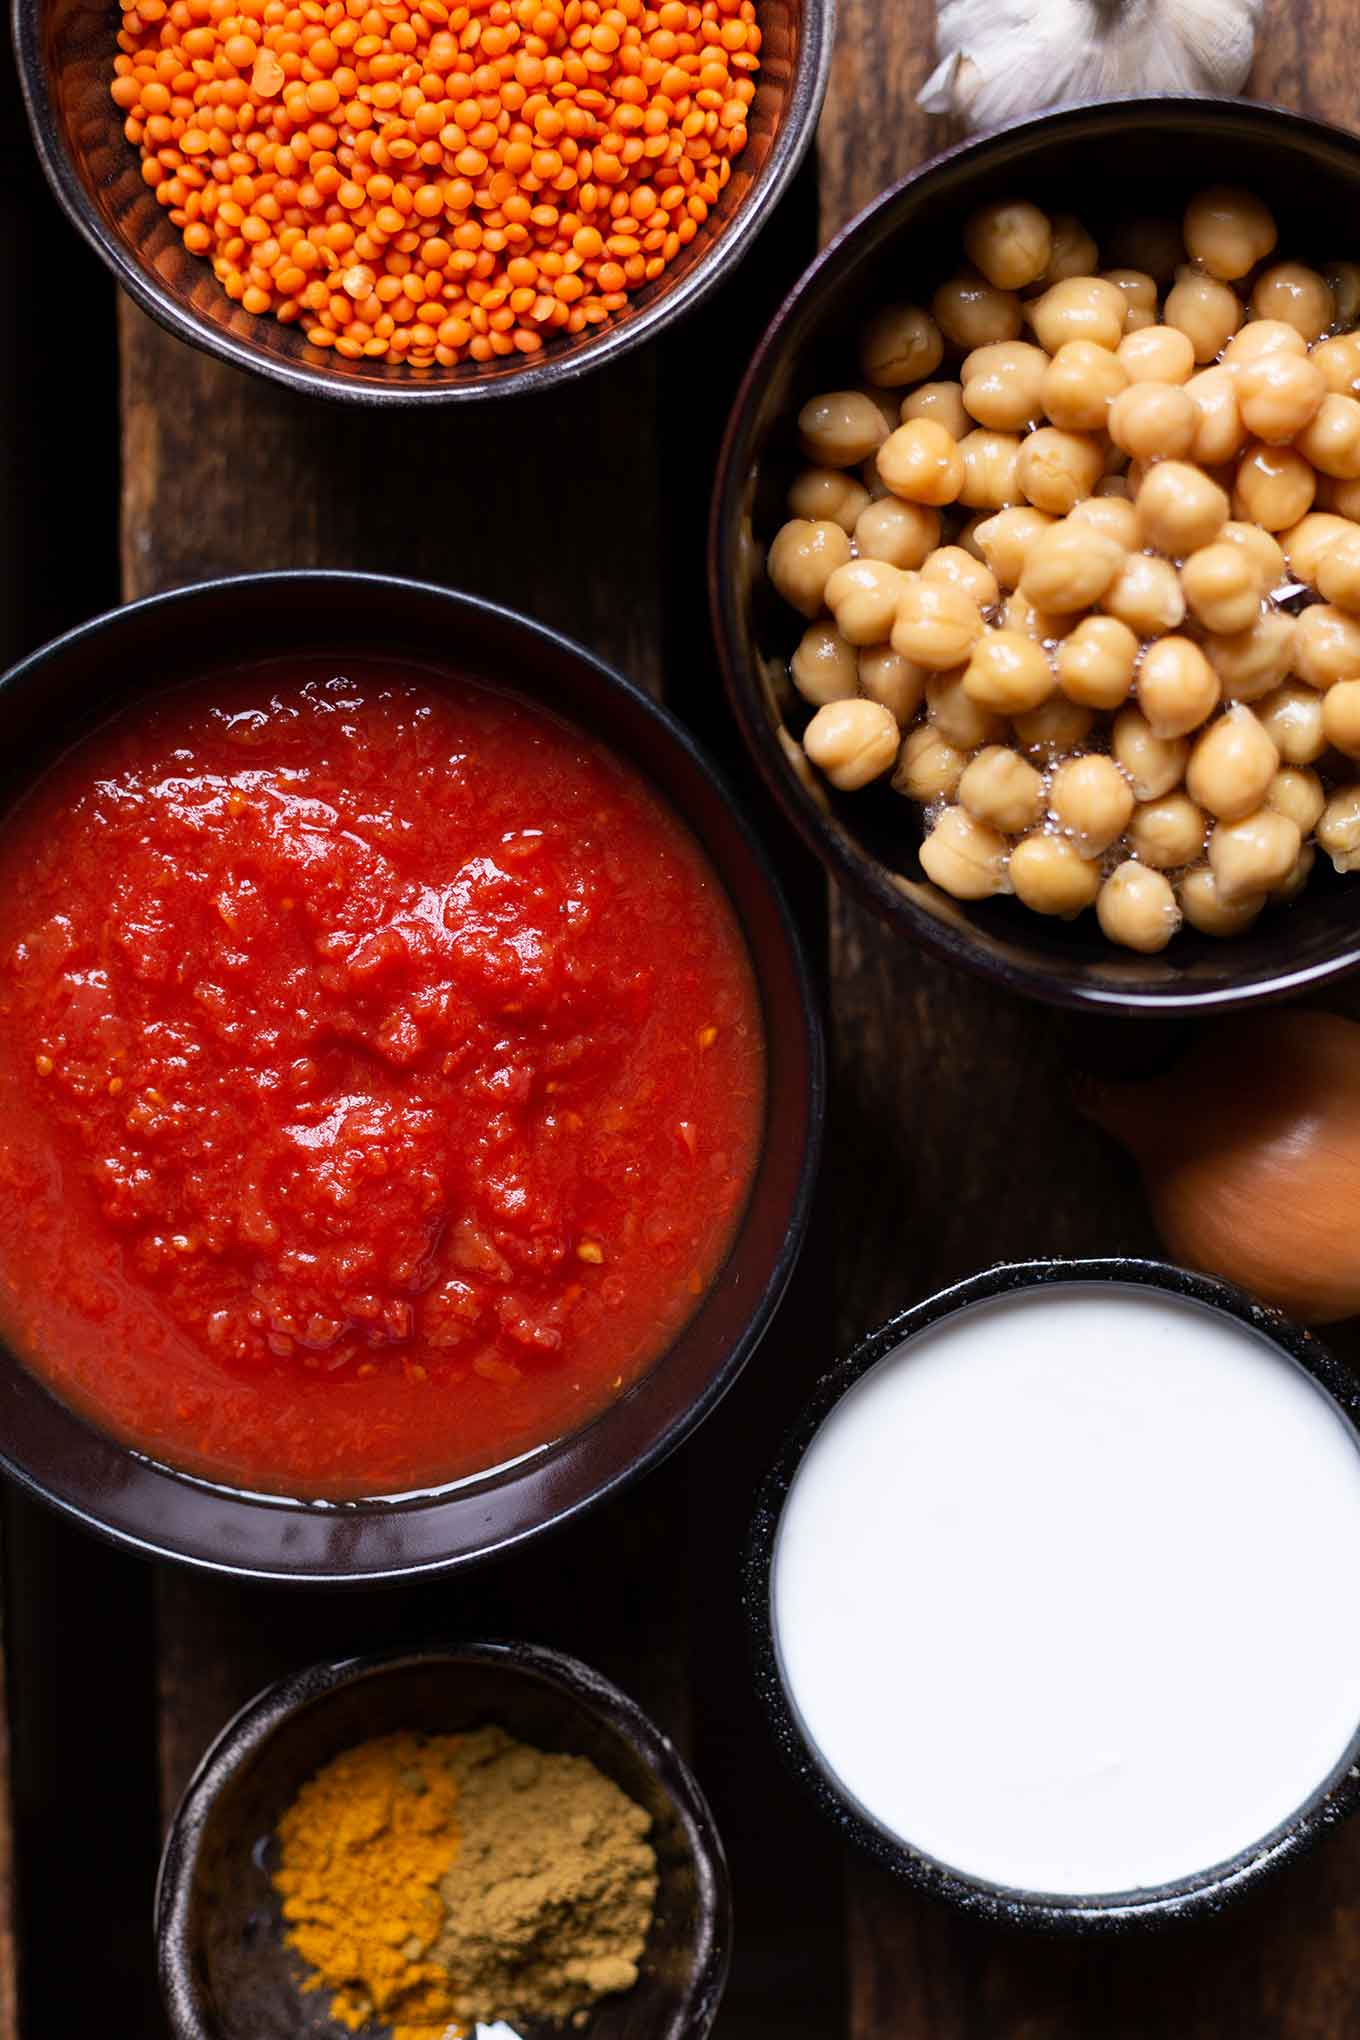 Zutaten für einfaches Vorratsschrank-Curry. Für dieses schnelle Rezept braucht ihr nur 5 Zutaten und 10 Min Vorbereitungszeit, unbedingt probieren! - Kochkarussell Foodblog #vorratsrezept #vorrat #curry